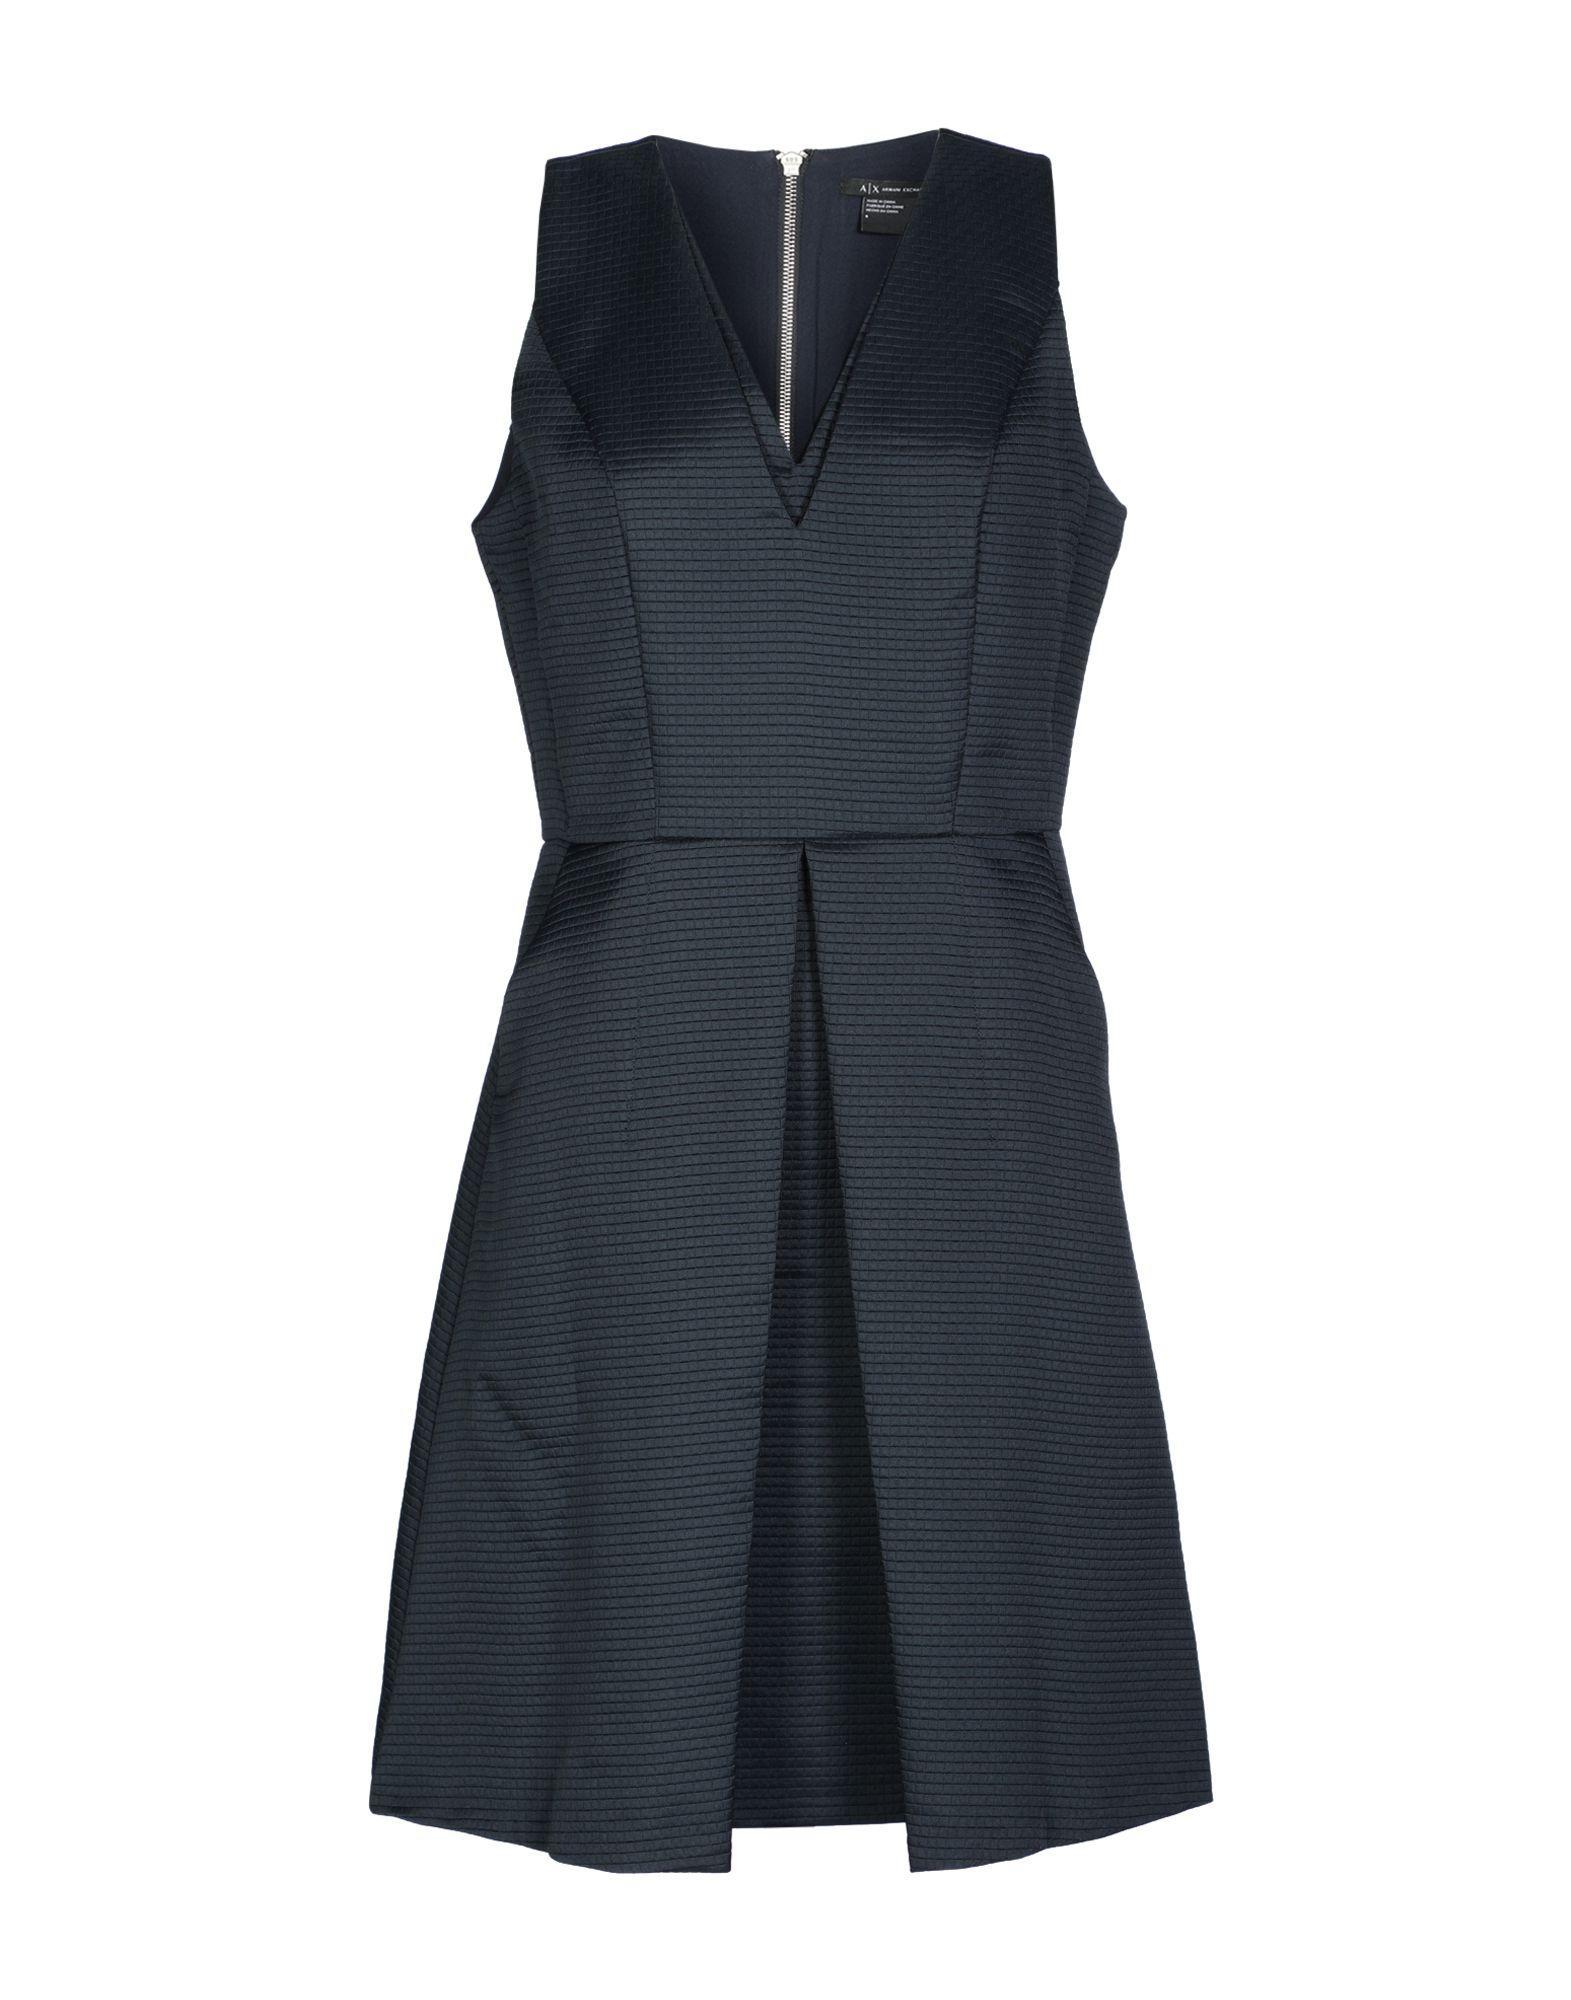 Armani Exchange Short Dress In Dark Blue